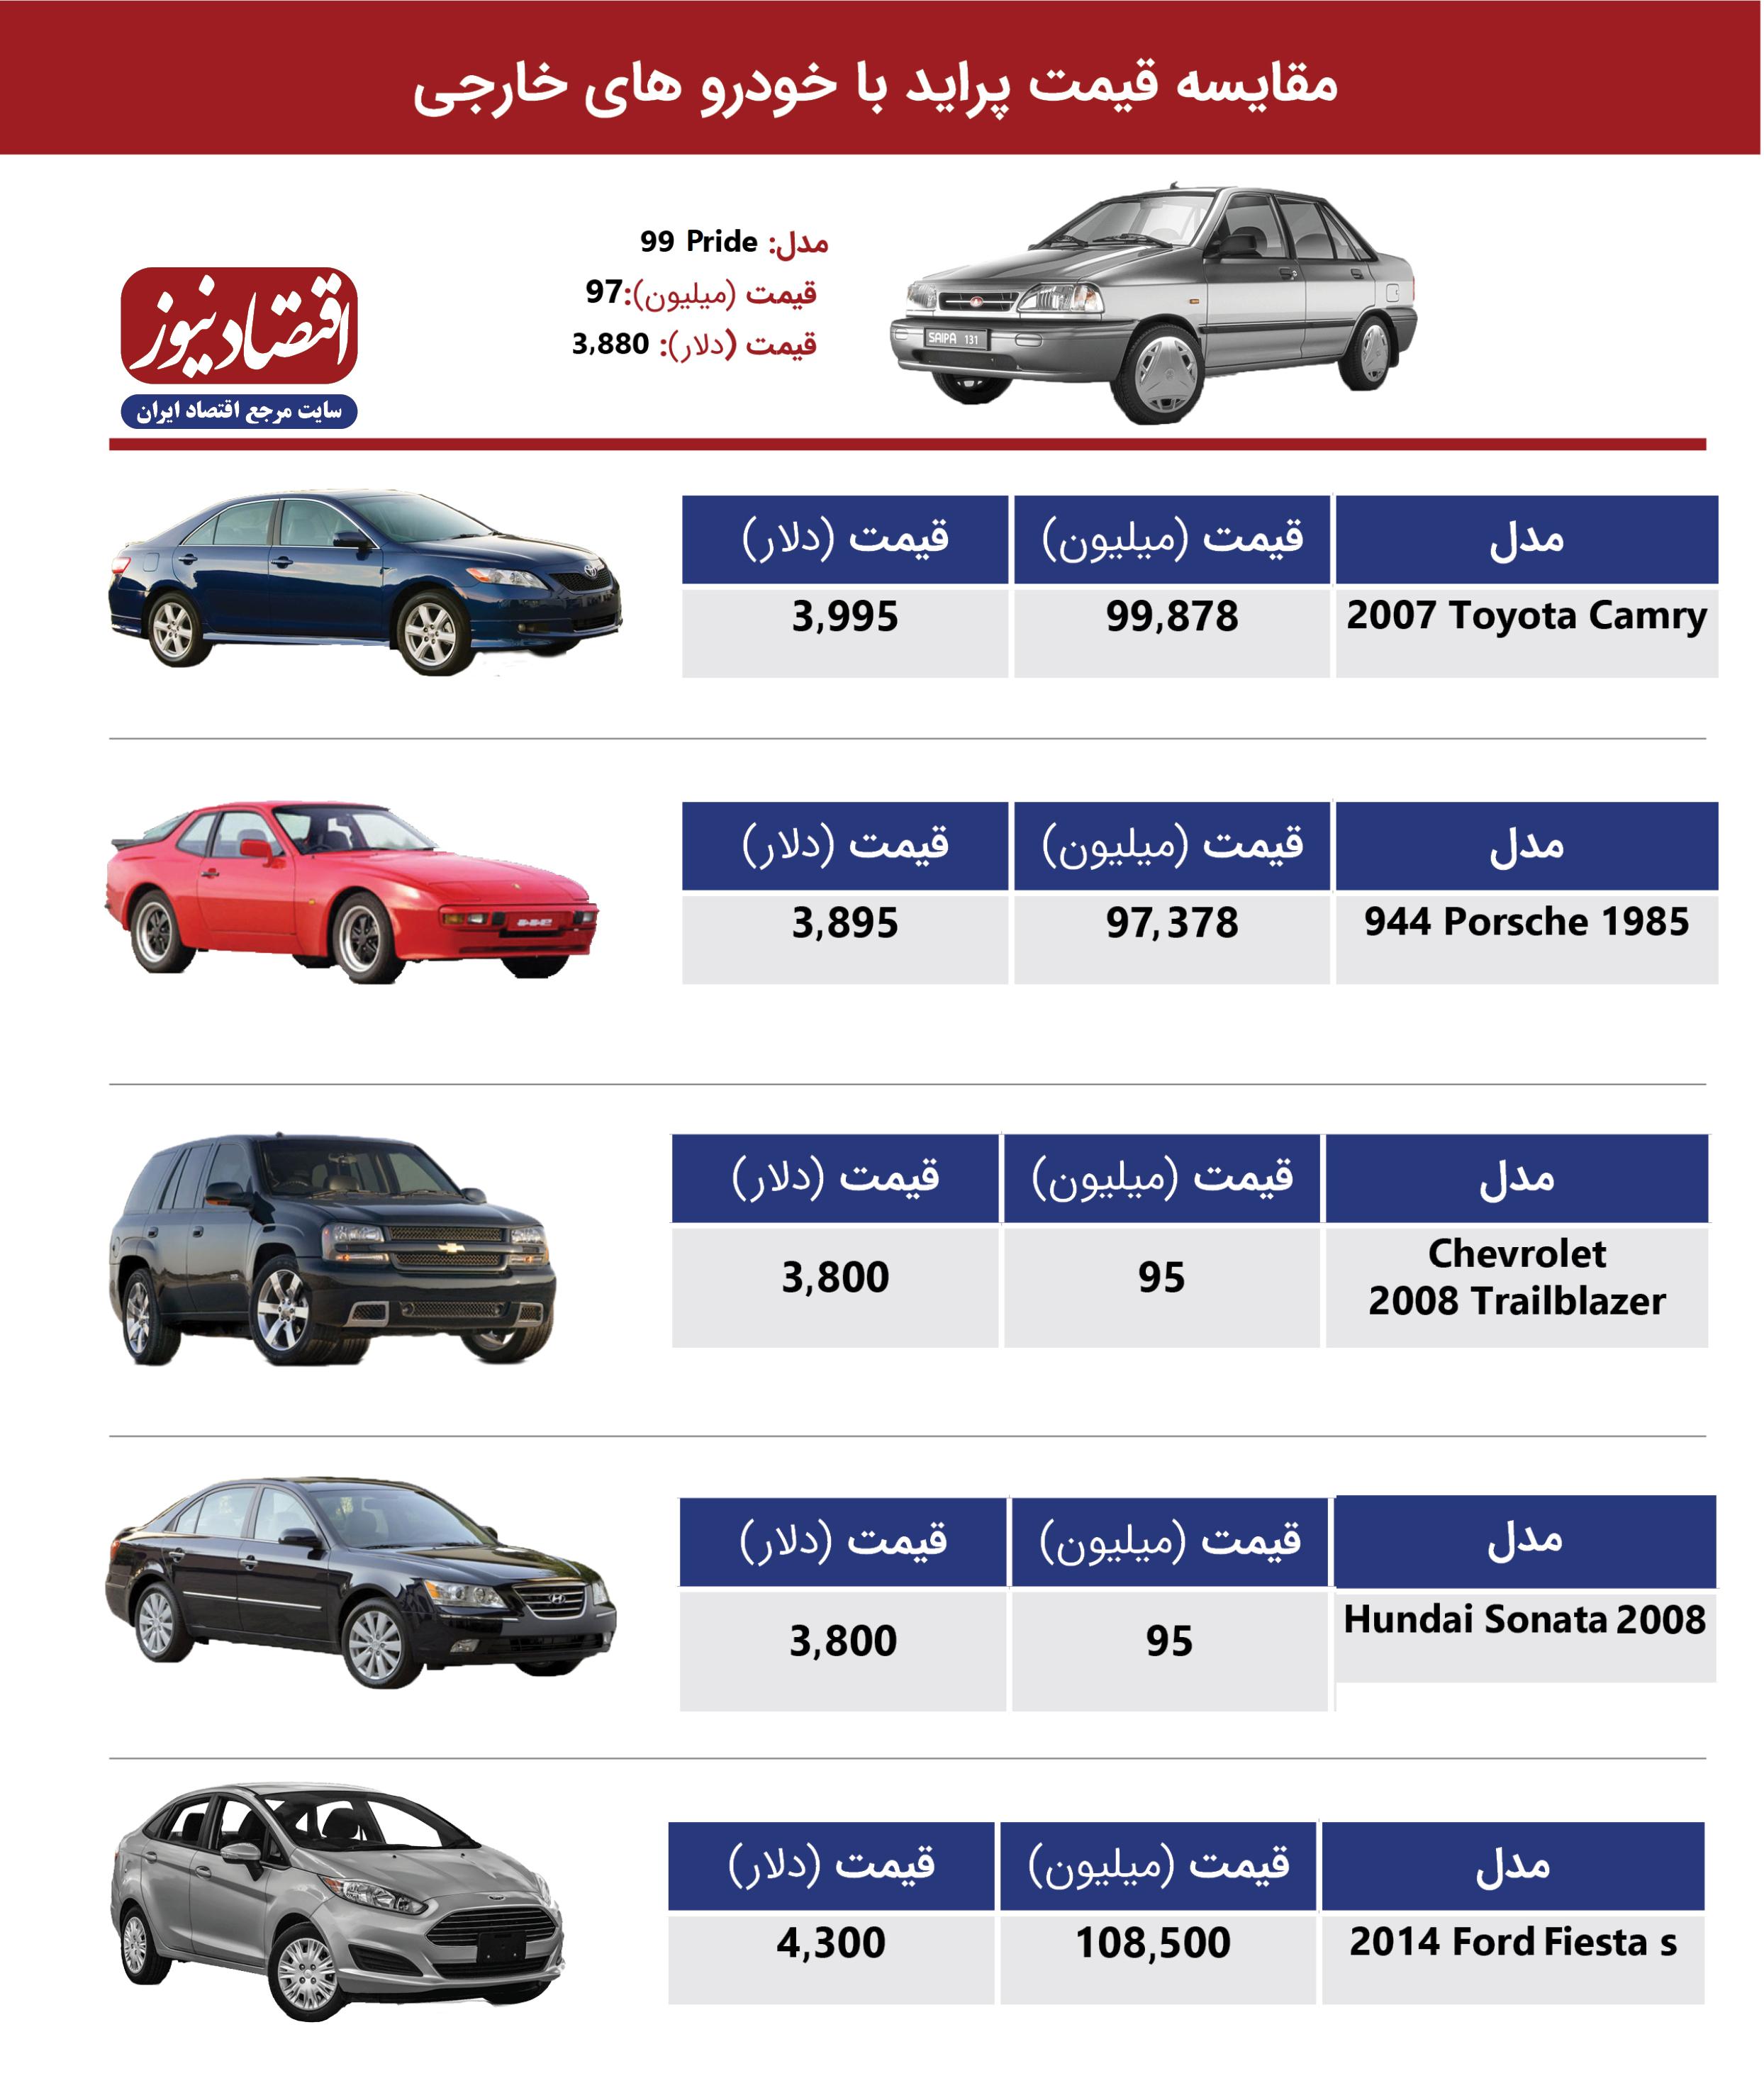 مقایسه قیمت خودرو در ایران و خارج از کشور